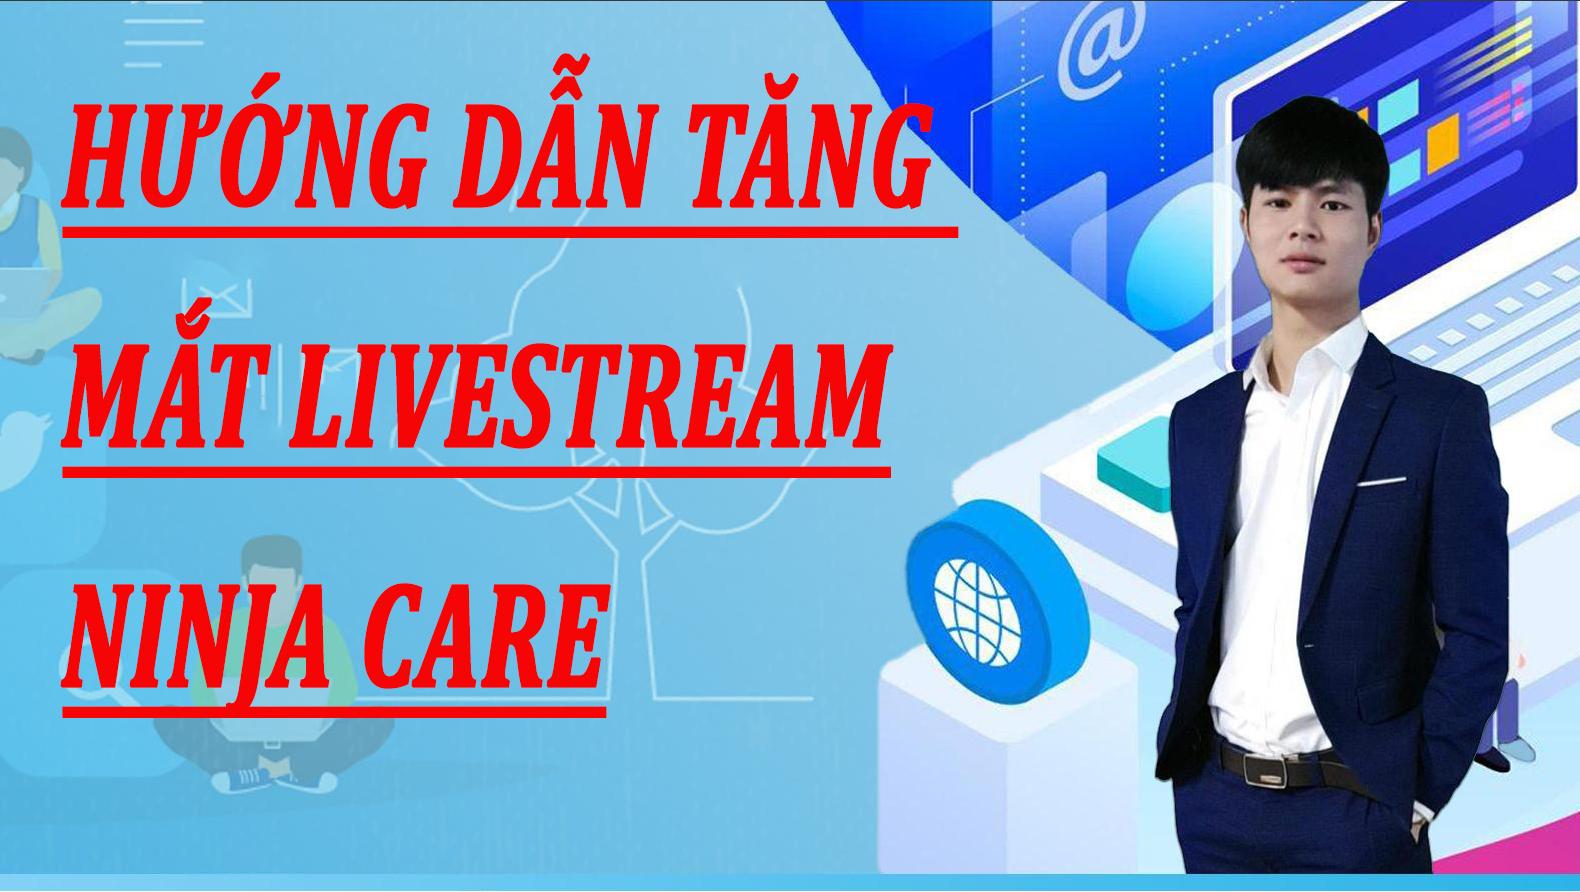 Hướng dẫn tăng mắt Livestream – Seeding Livestream Ninja Care